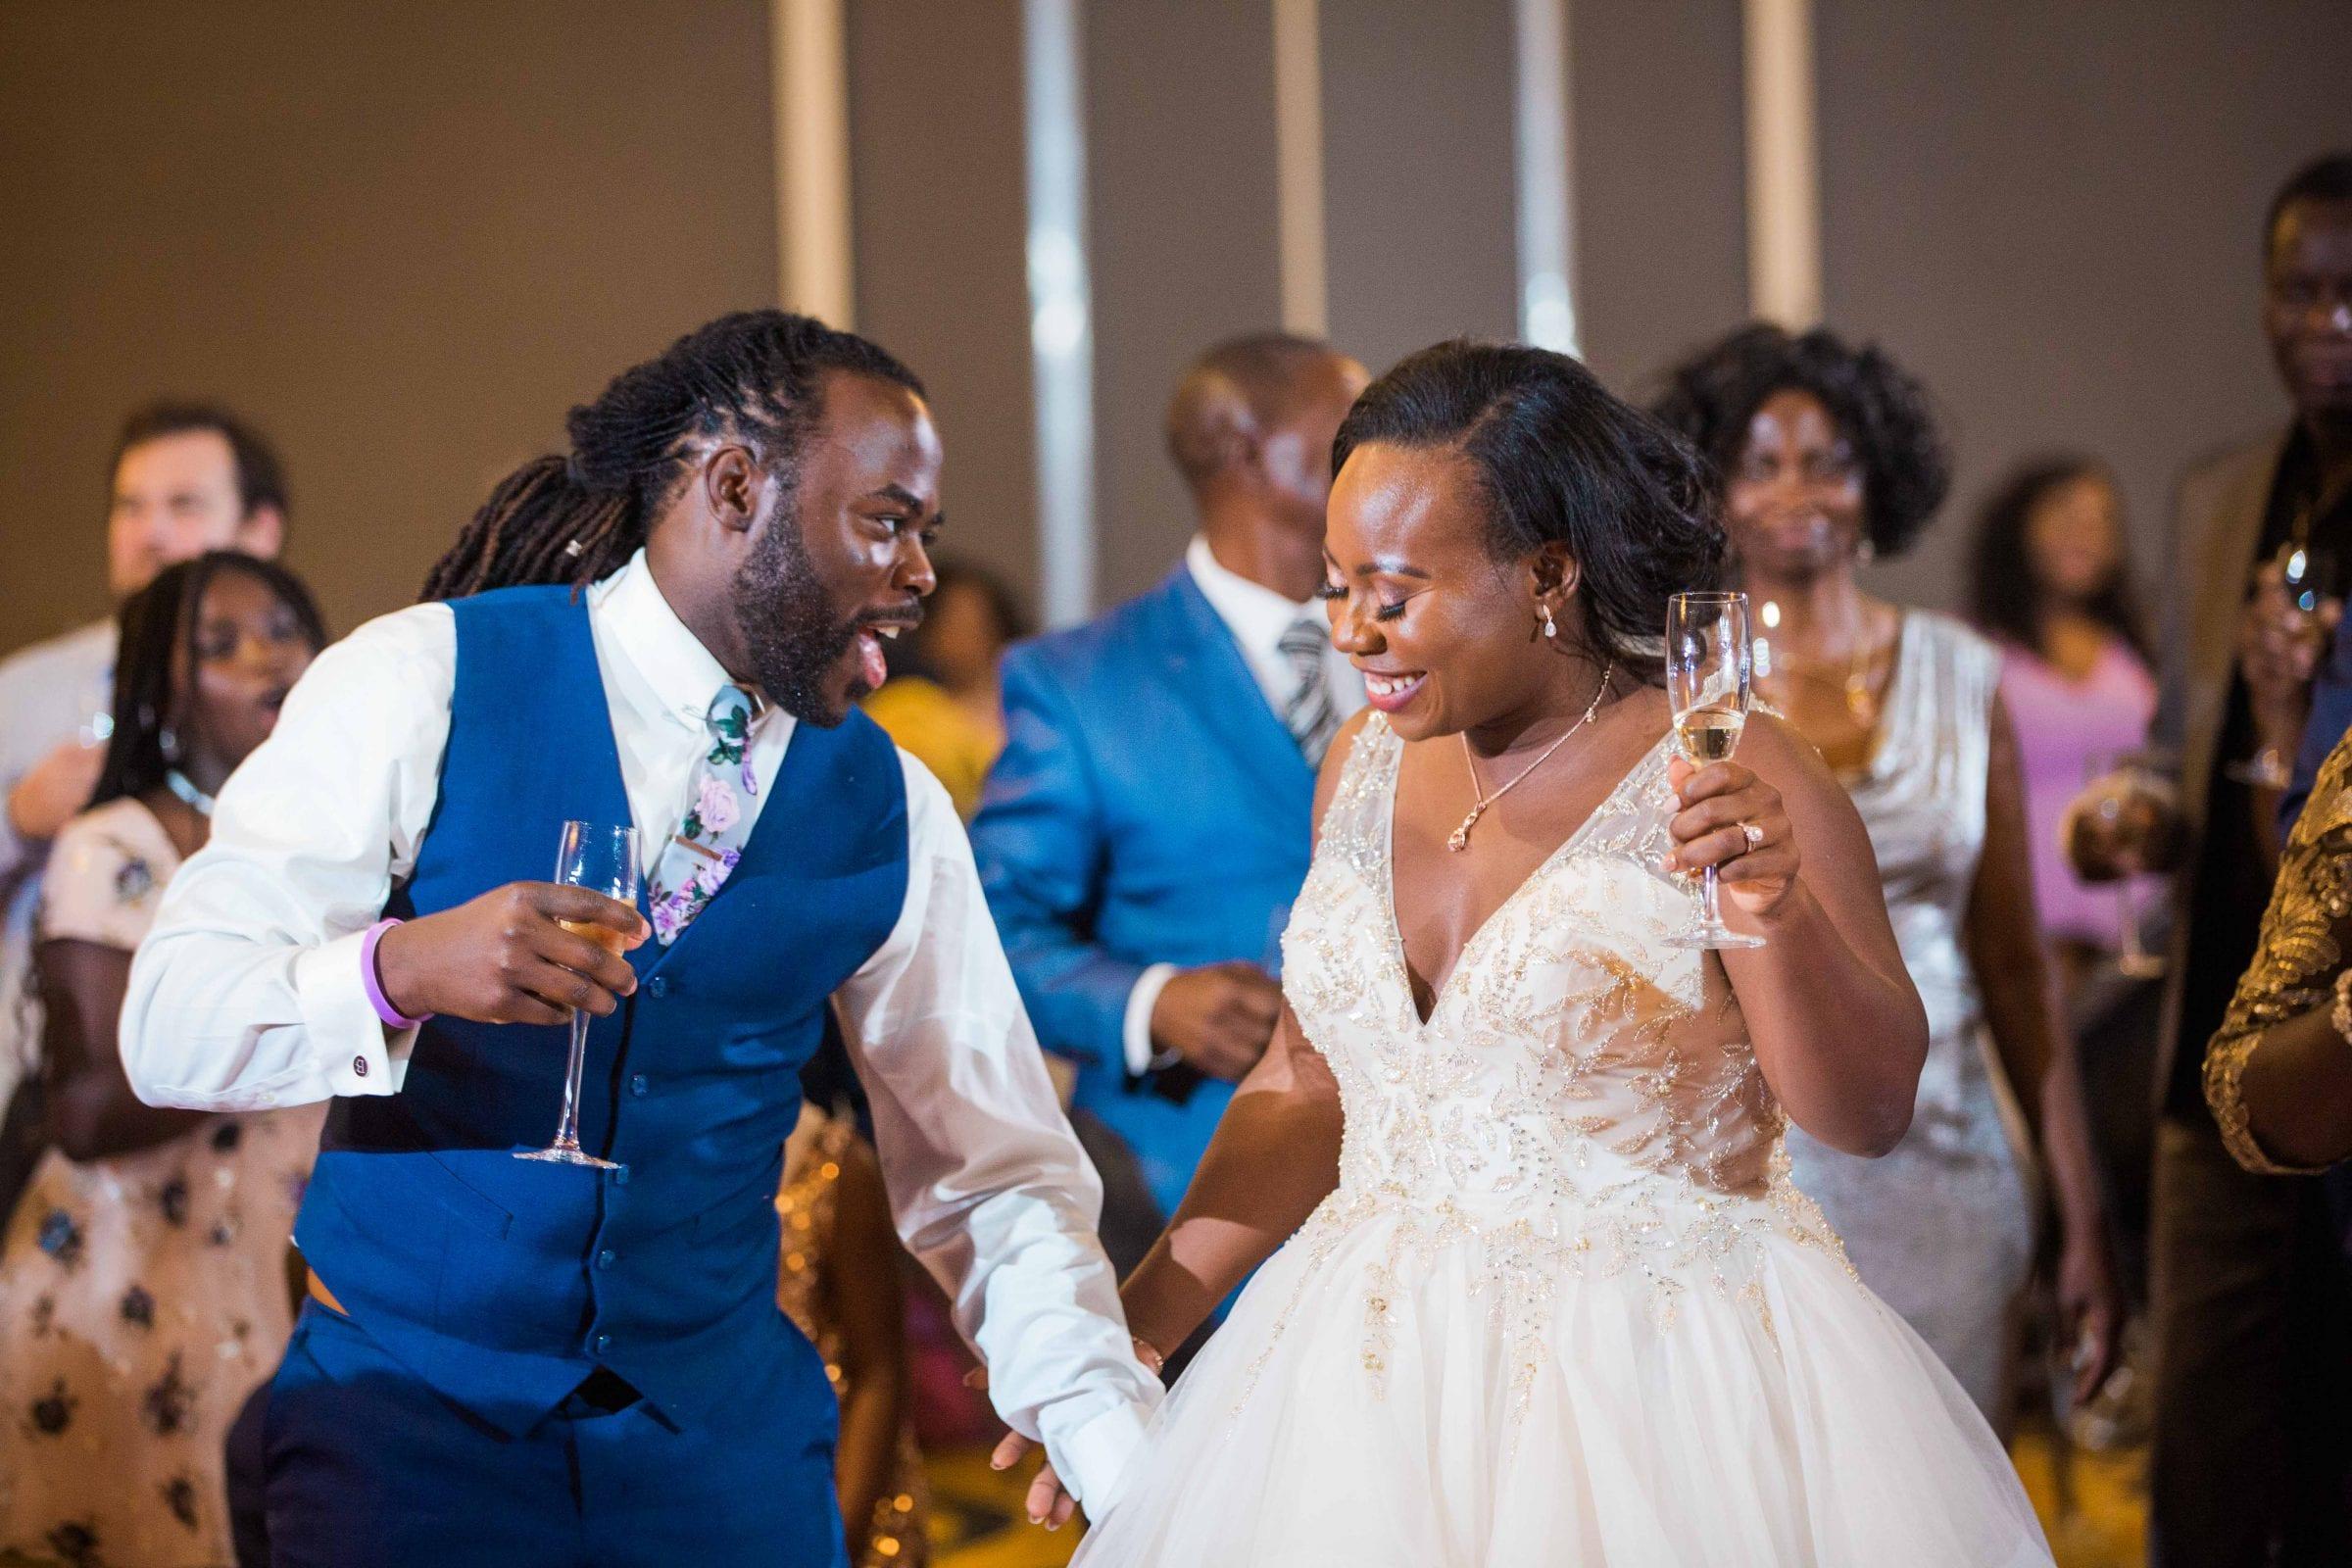 Onyema wedding La Cantera close up dance